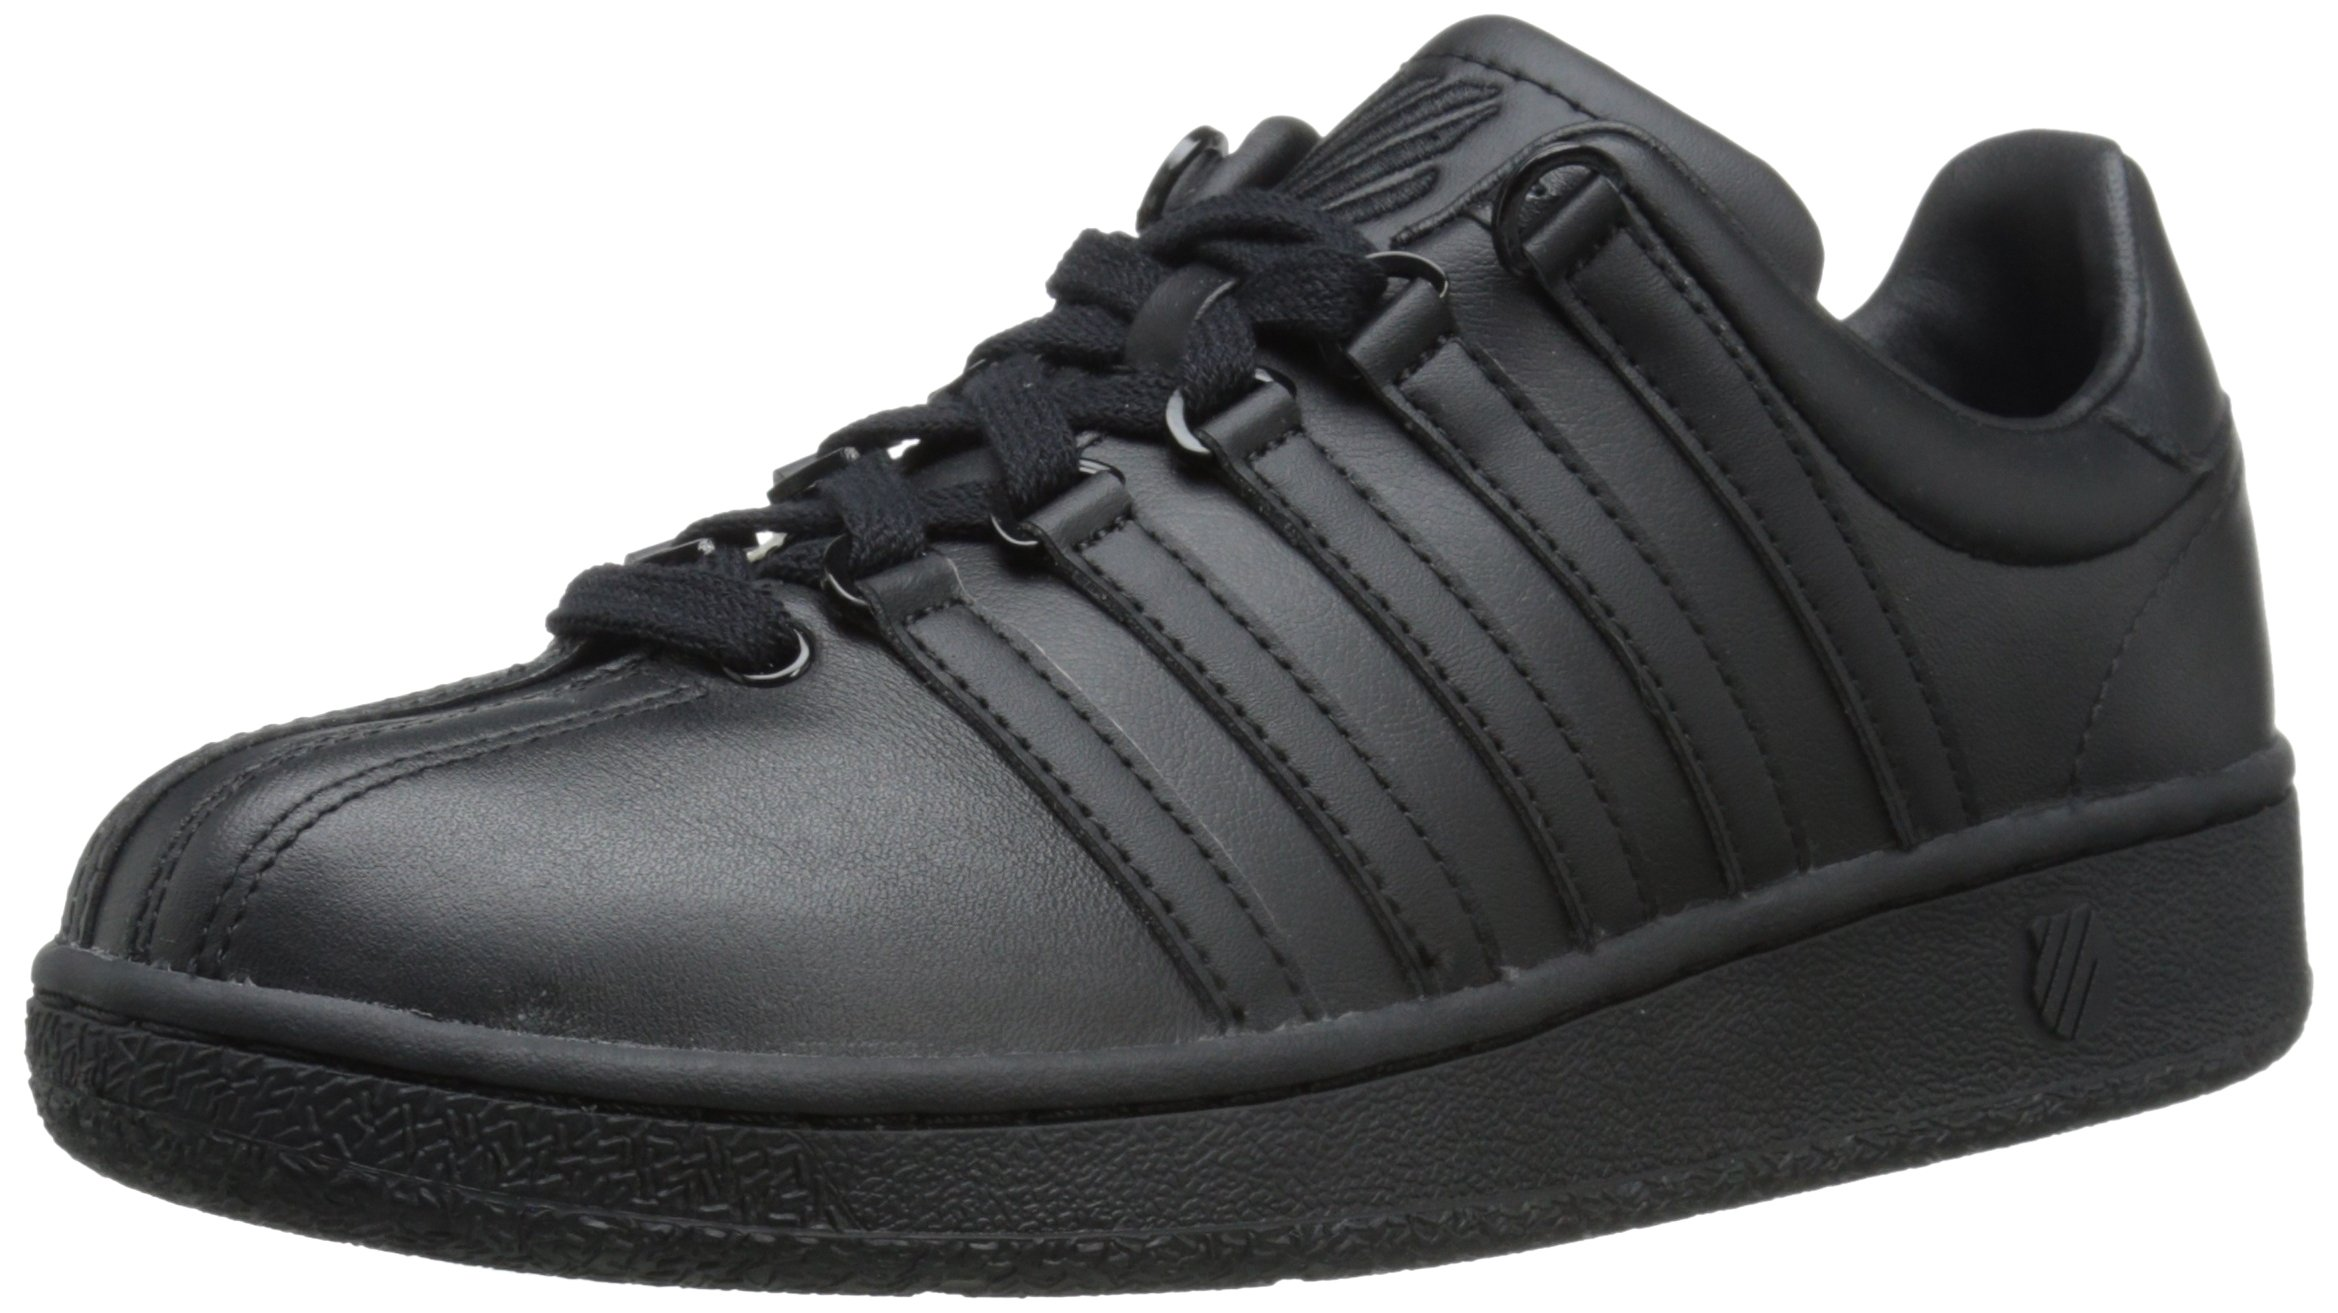 K-Swiss Women's Classic VN Fashion Sneaker, Black/Black, 8.5 M US by K-Swiss